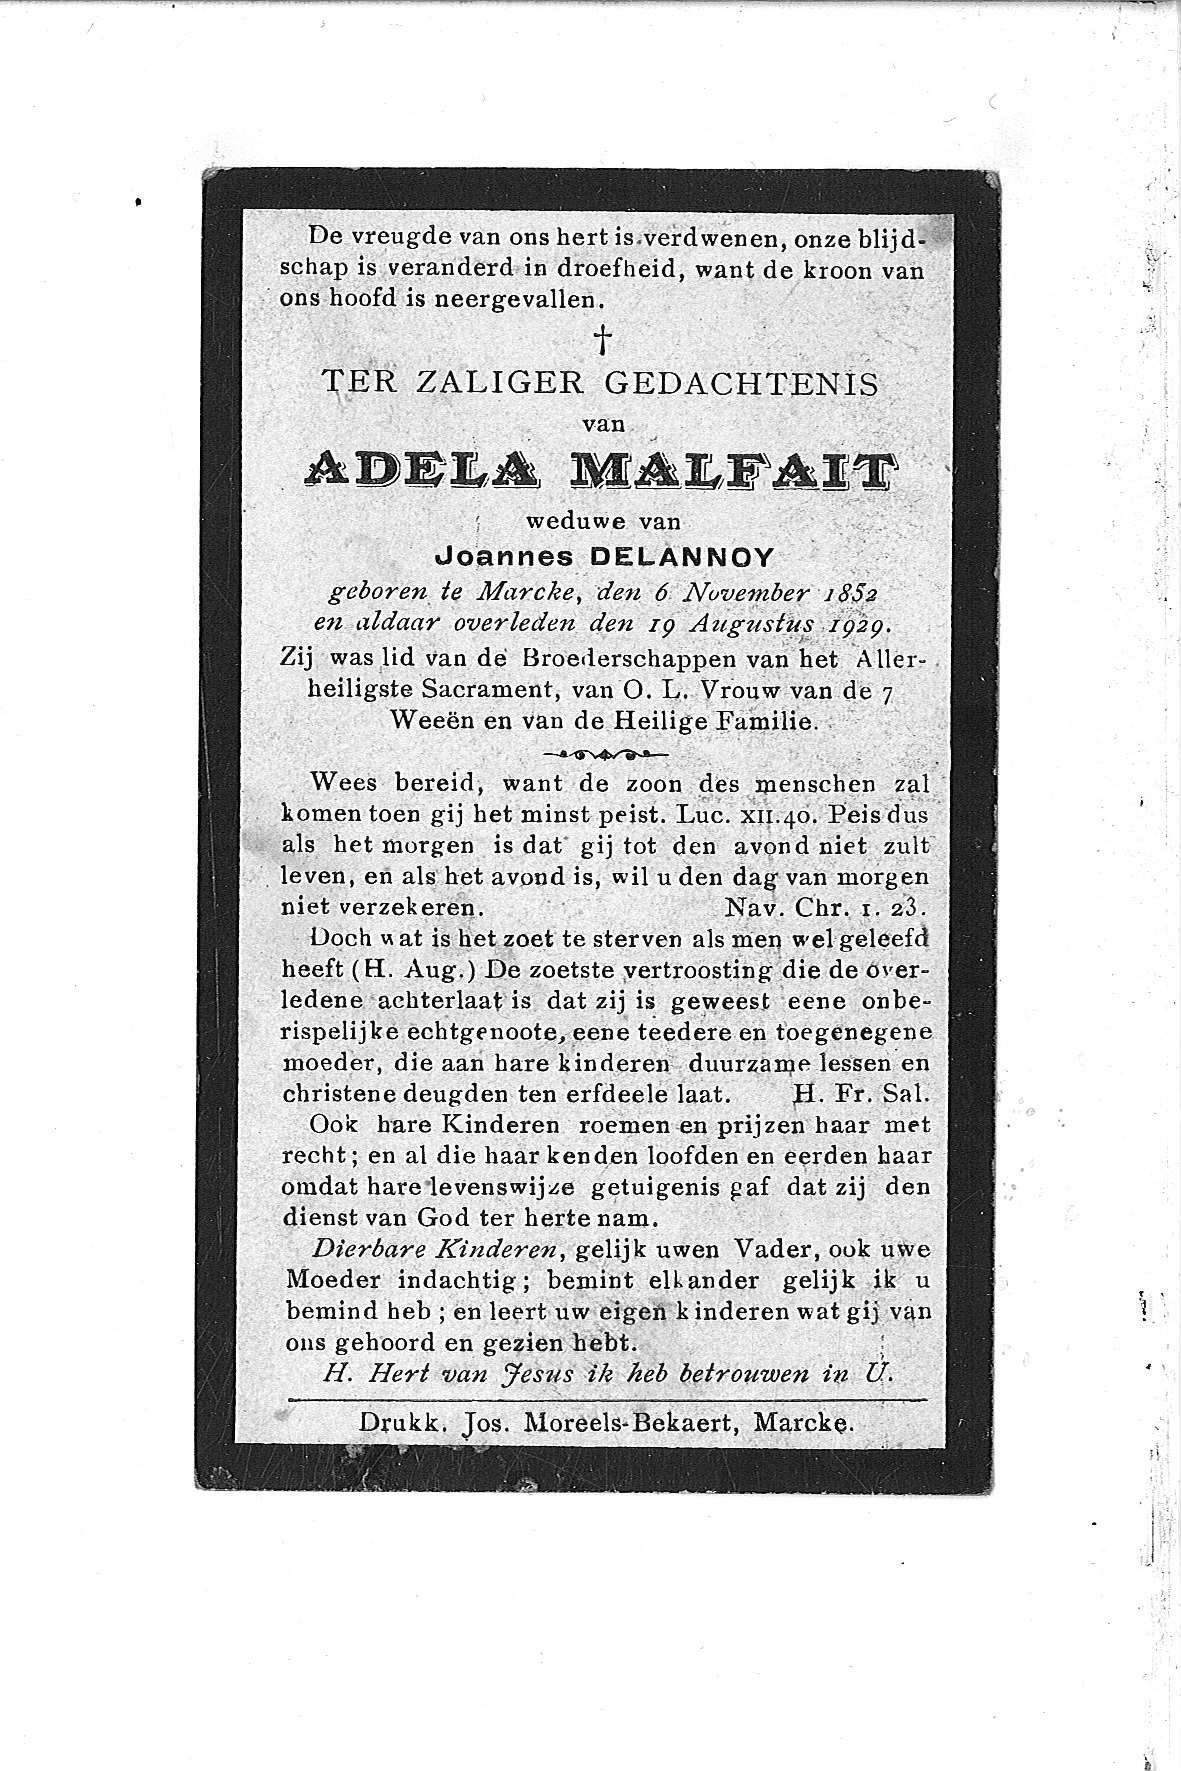 Adela(1929)20111121154356_00003.jpg